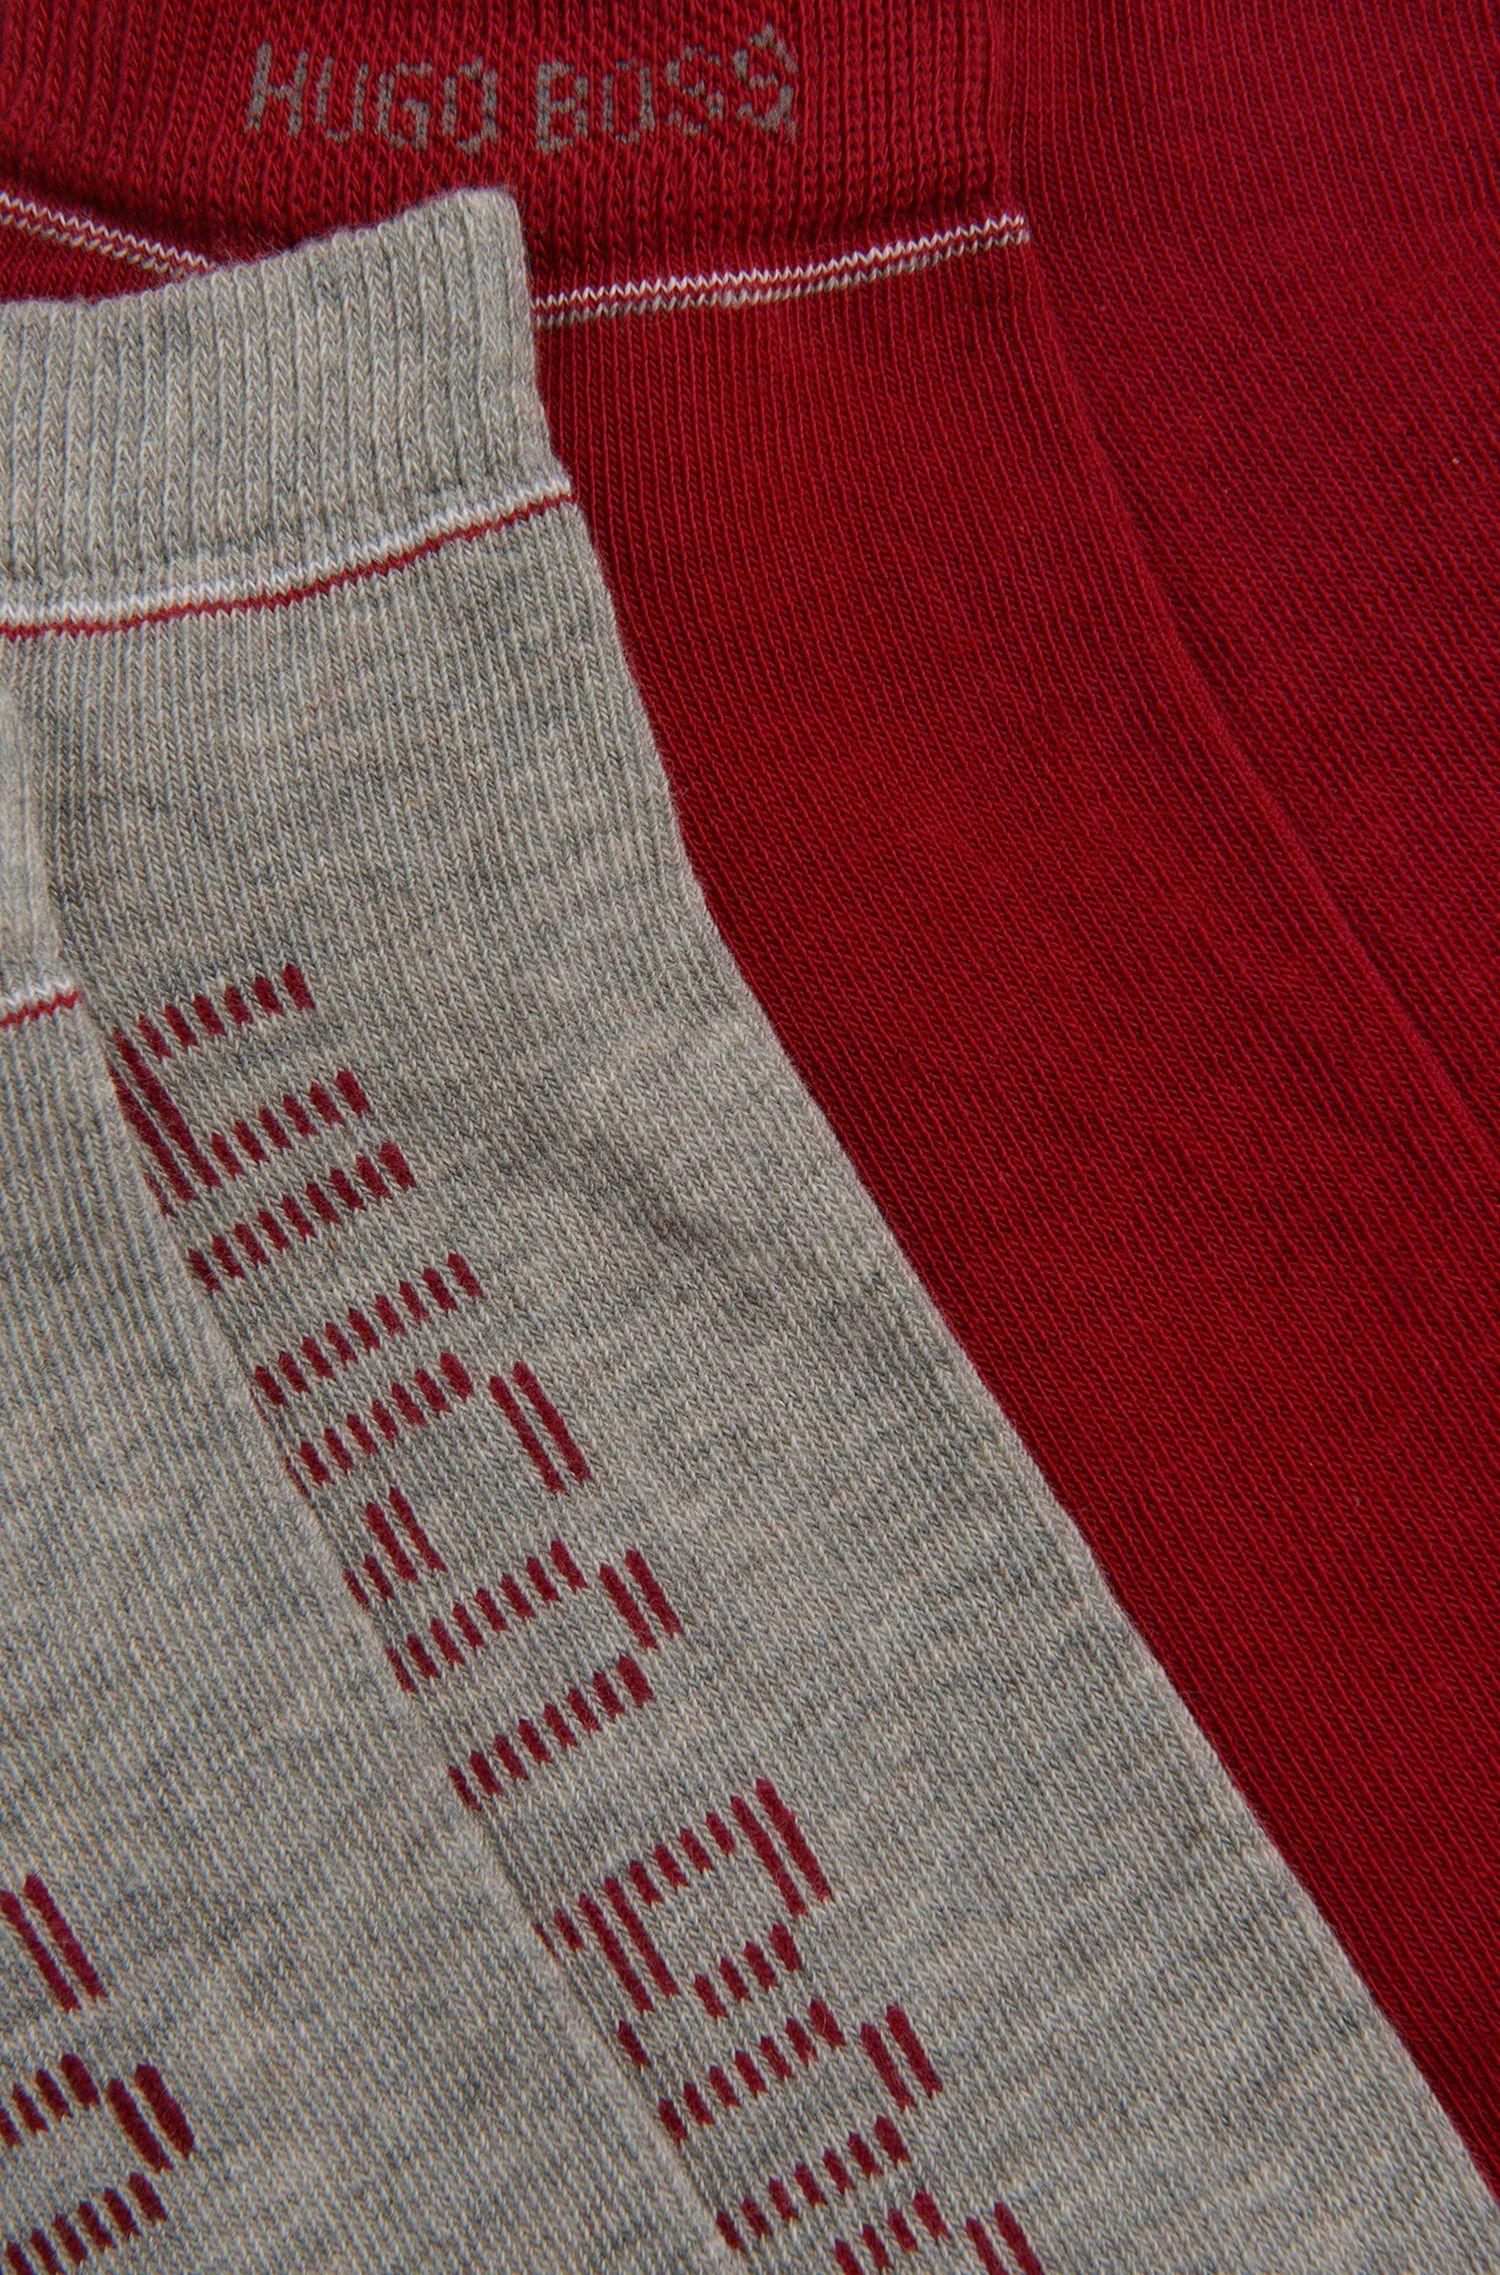 Sneaker-Socken aus Baumwoll-Mix im Zweier-Pack: 'Twopack AS Design'